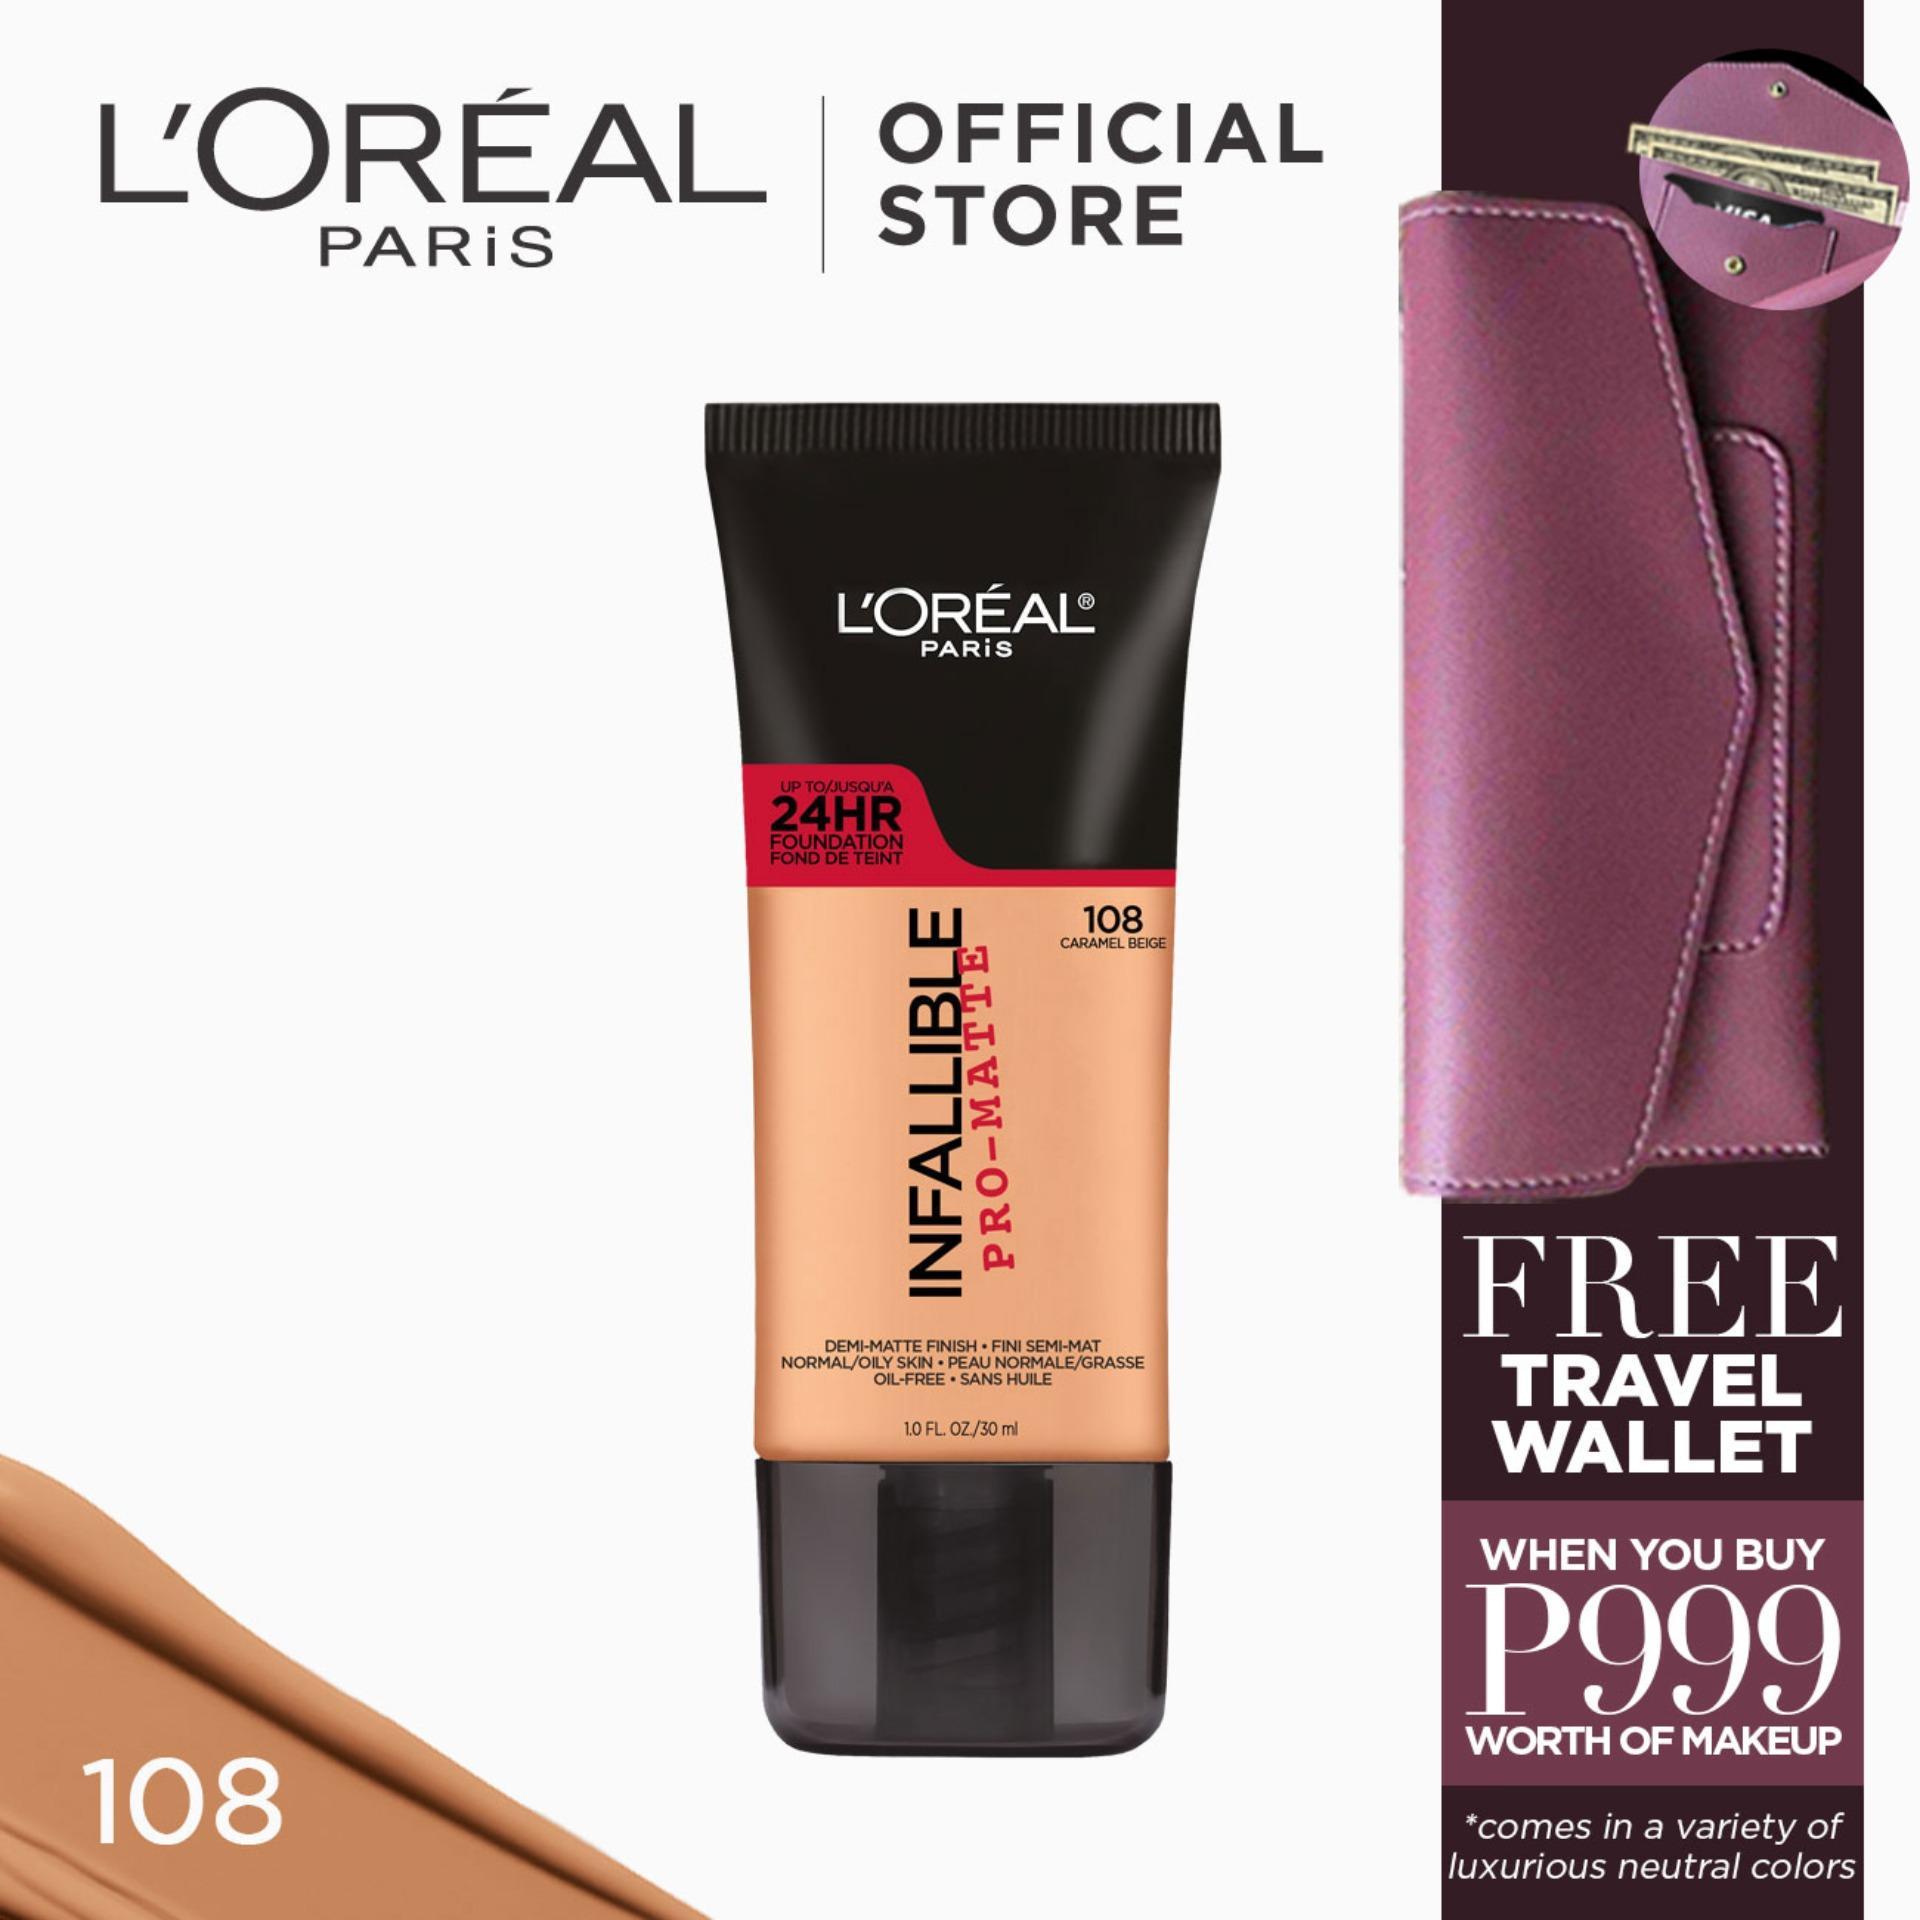 Infallible Pro-Matte Liquid Foundation - 108 Caramel Beige [#NeverFail 24HR Longwear] by LOréal Paris Philippines